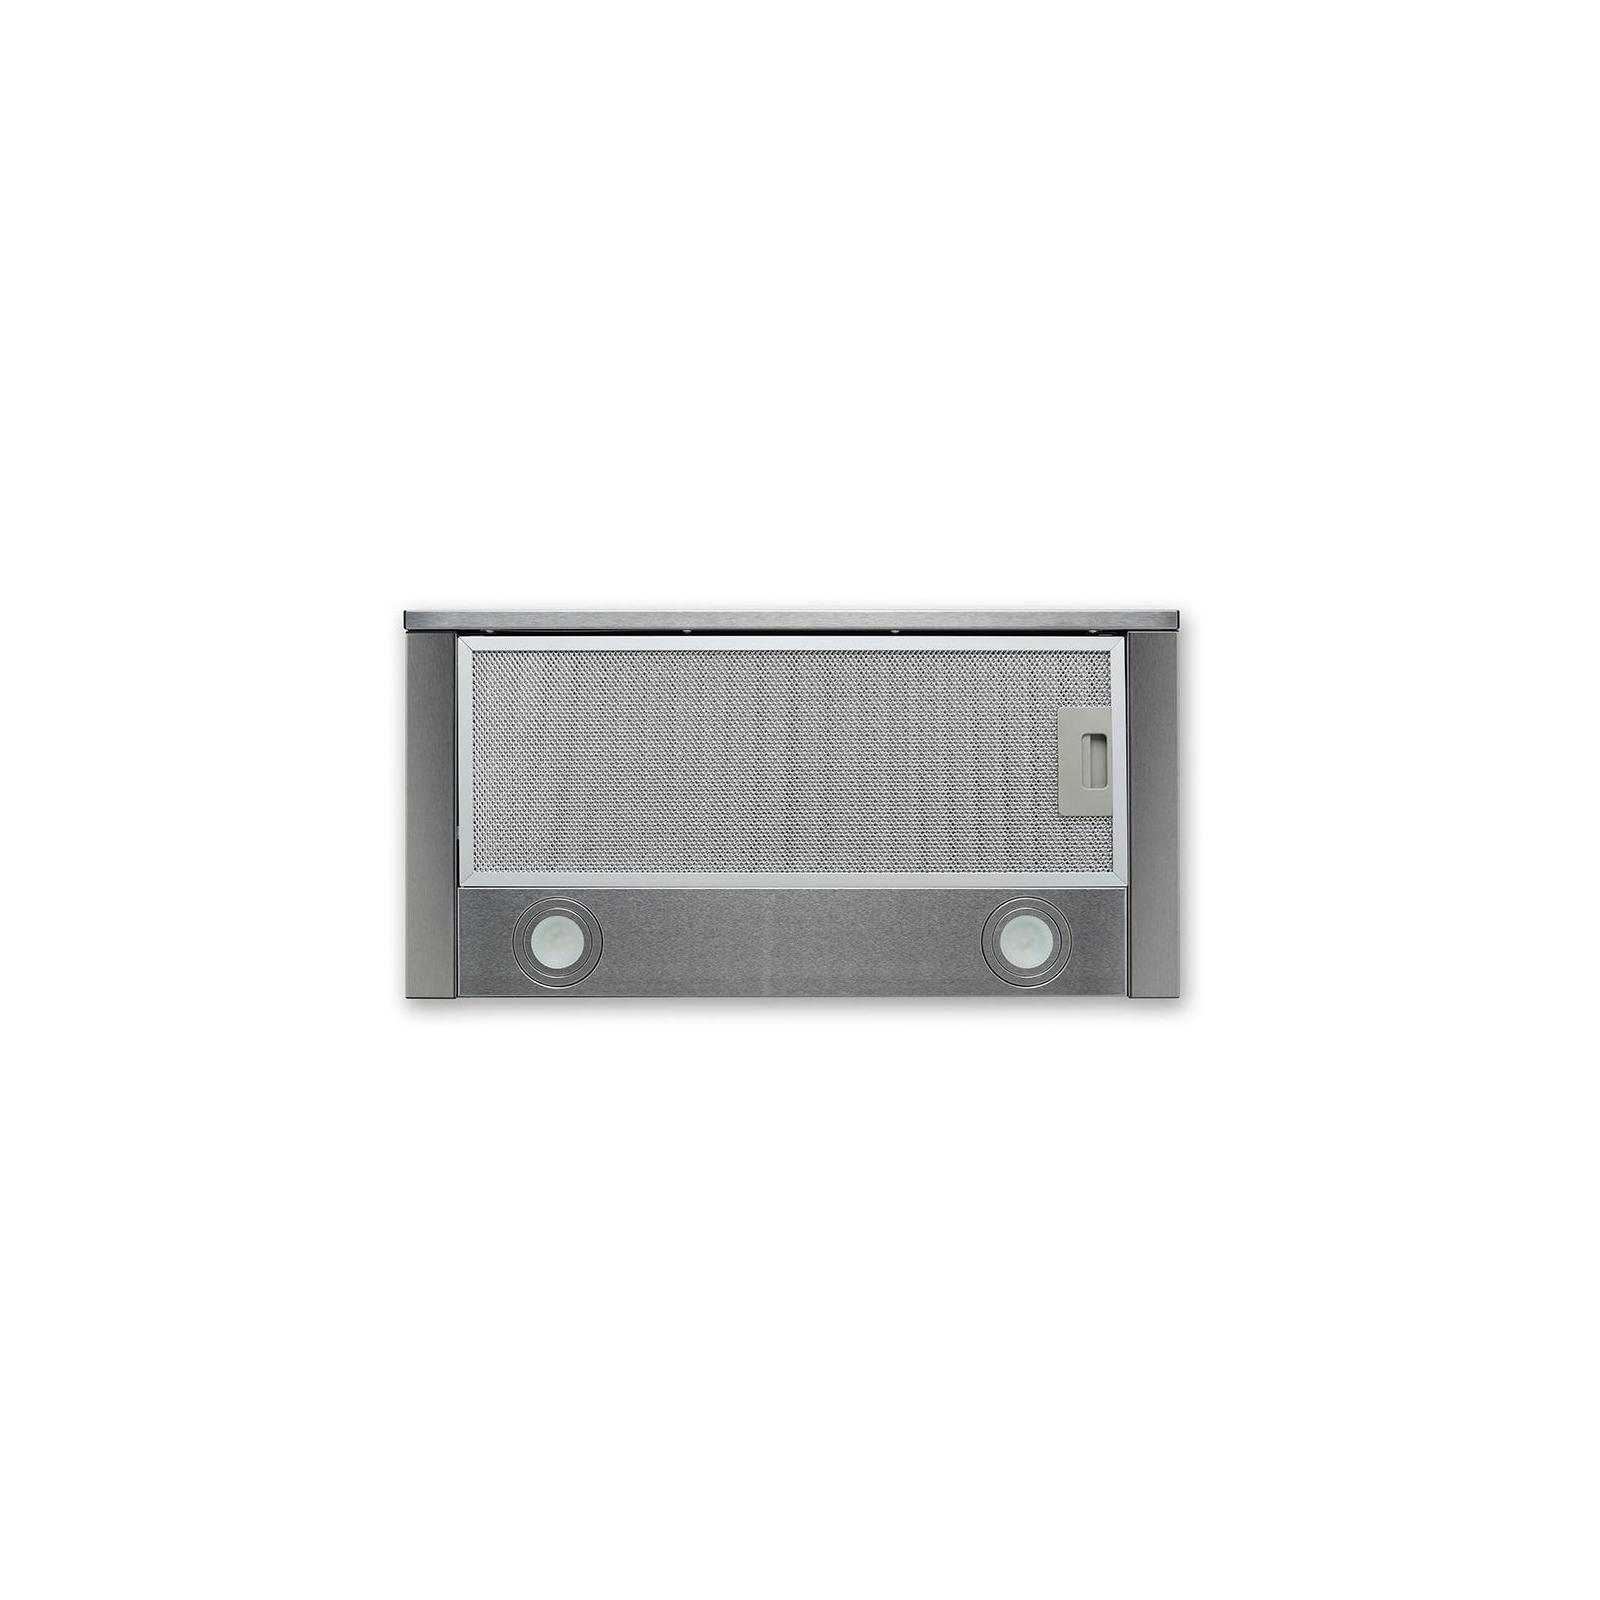 Вытяжка кухонная MINOLA HTL 6612 I 1000 LED изображение 3